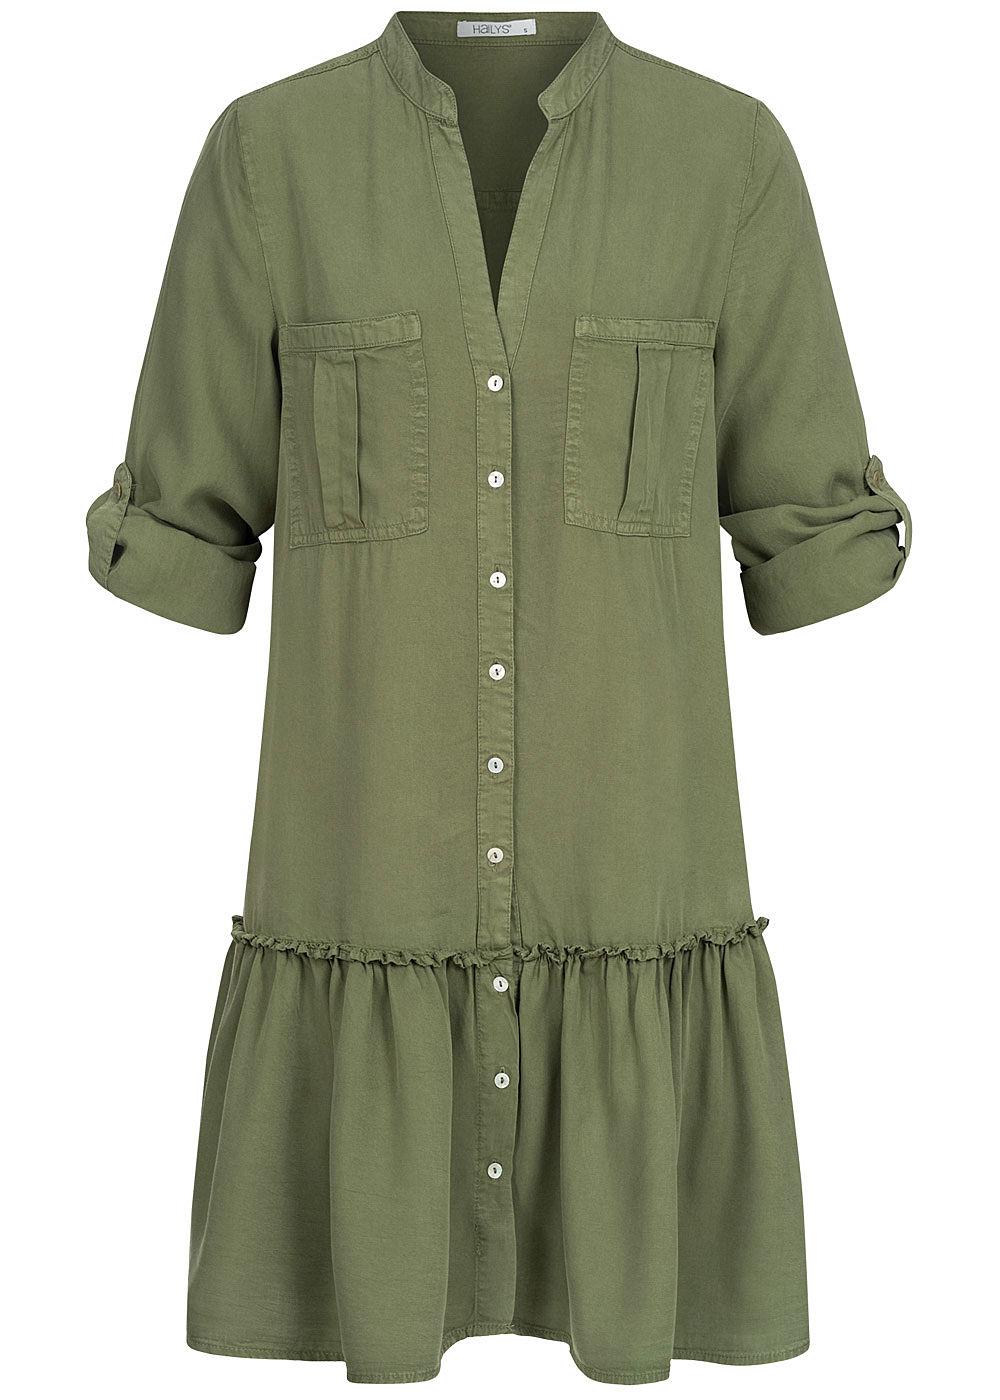 Hailys Damen V-Neck Turn-Up Kleid 17 Brusttaschen Knopfleiste khaki